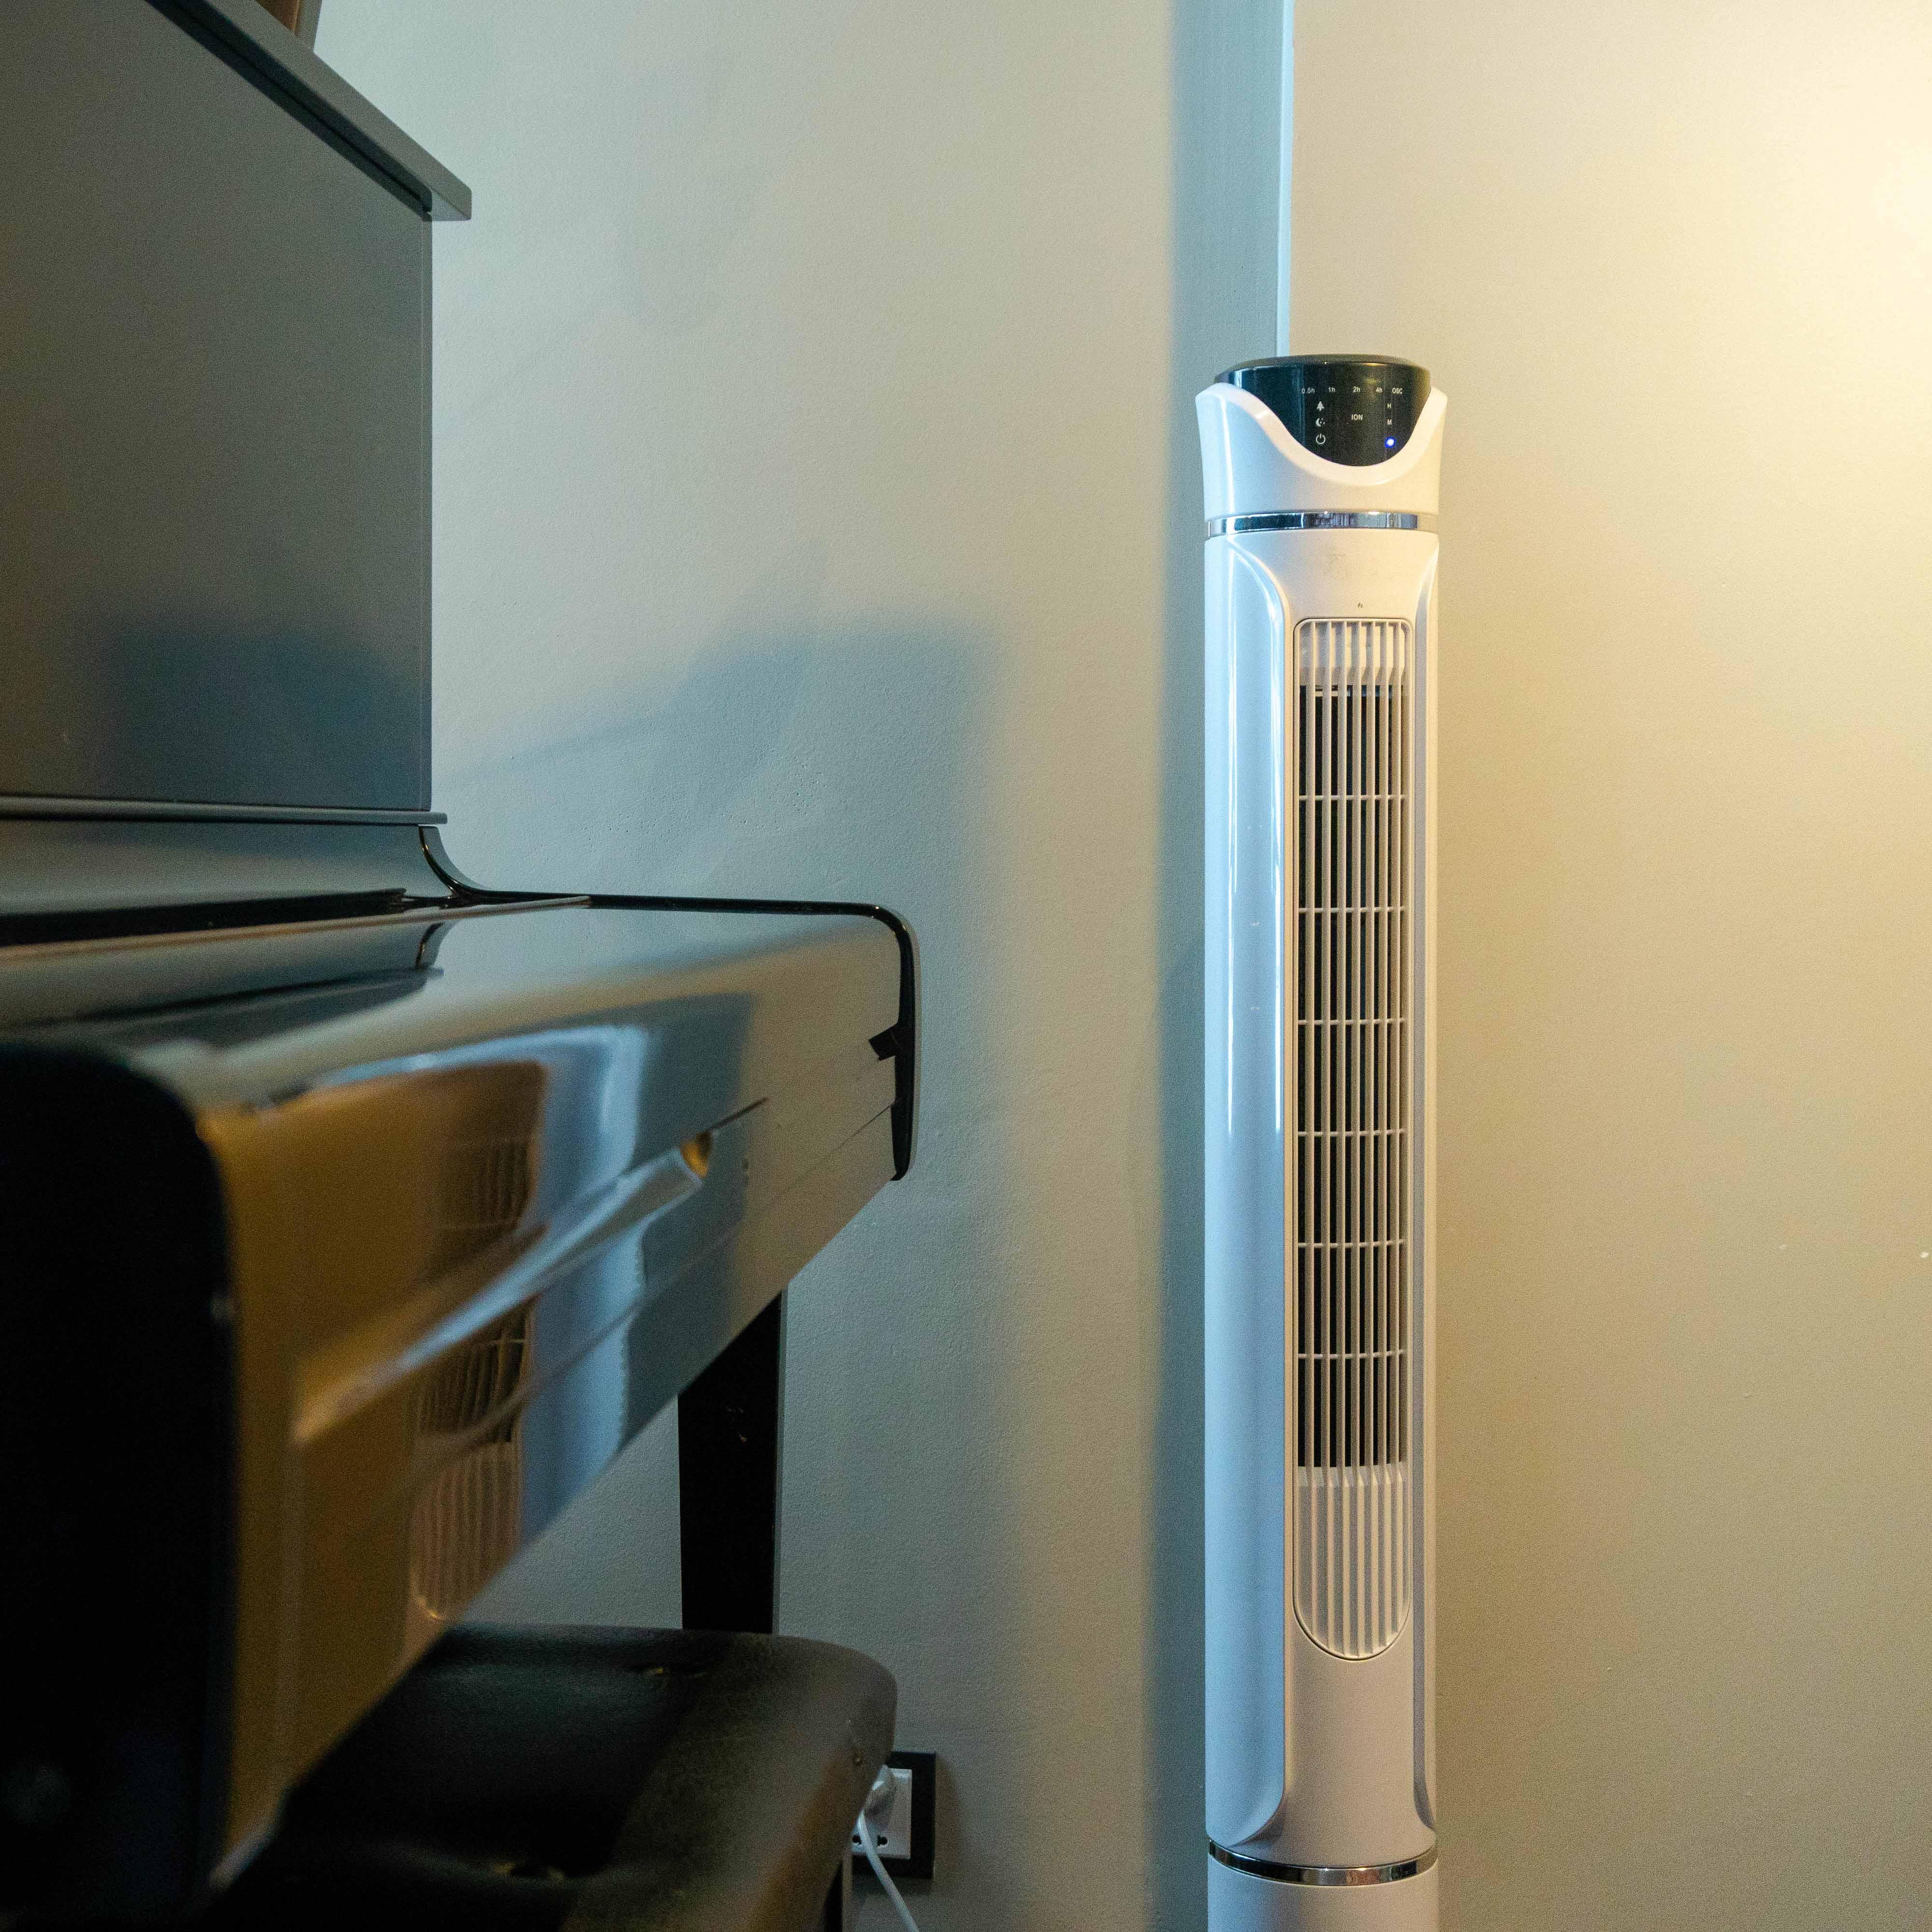 Quạt tháp không cánh Vf - poco - trắng - tích hợp chế độ cung cấp ion âm, lọc không khí